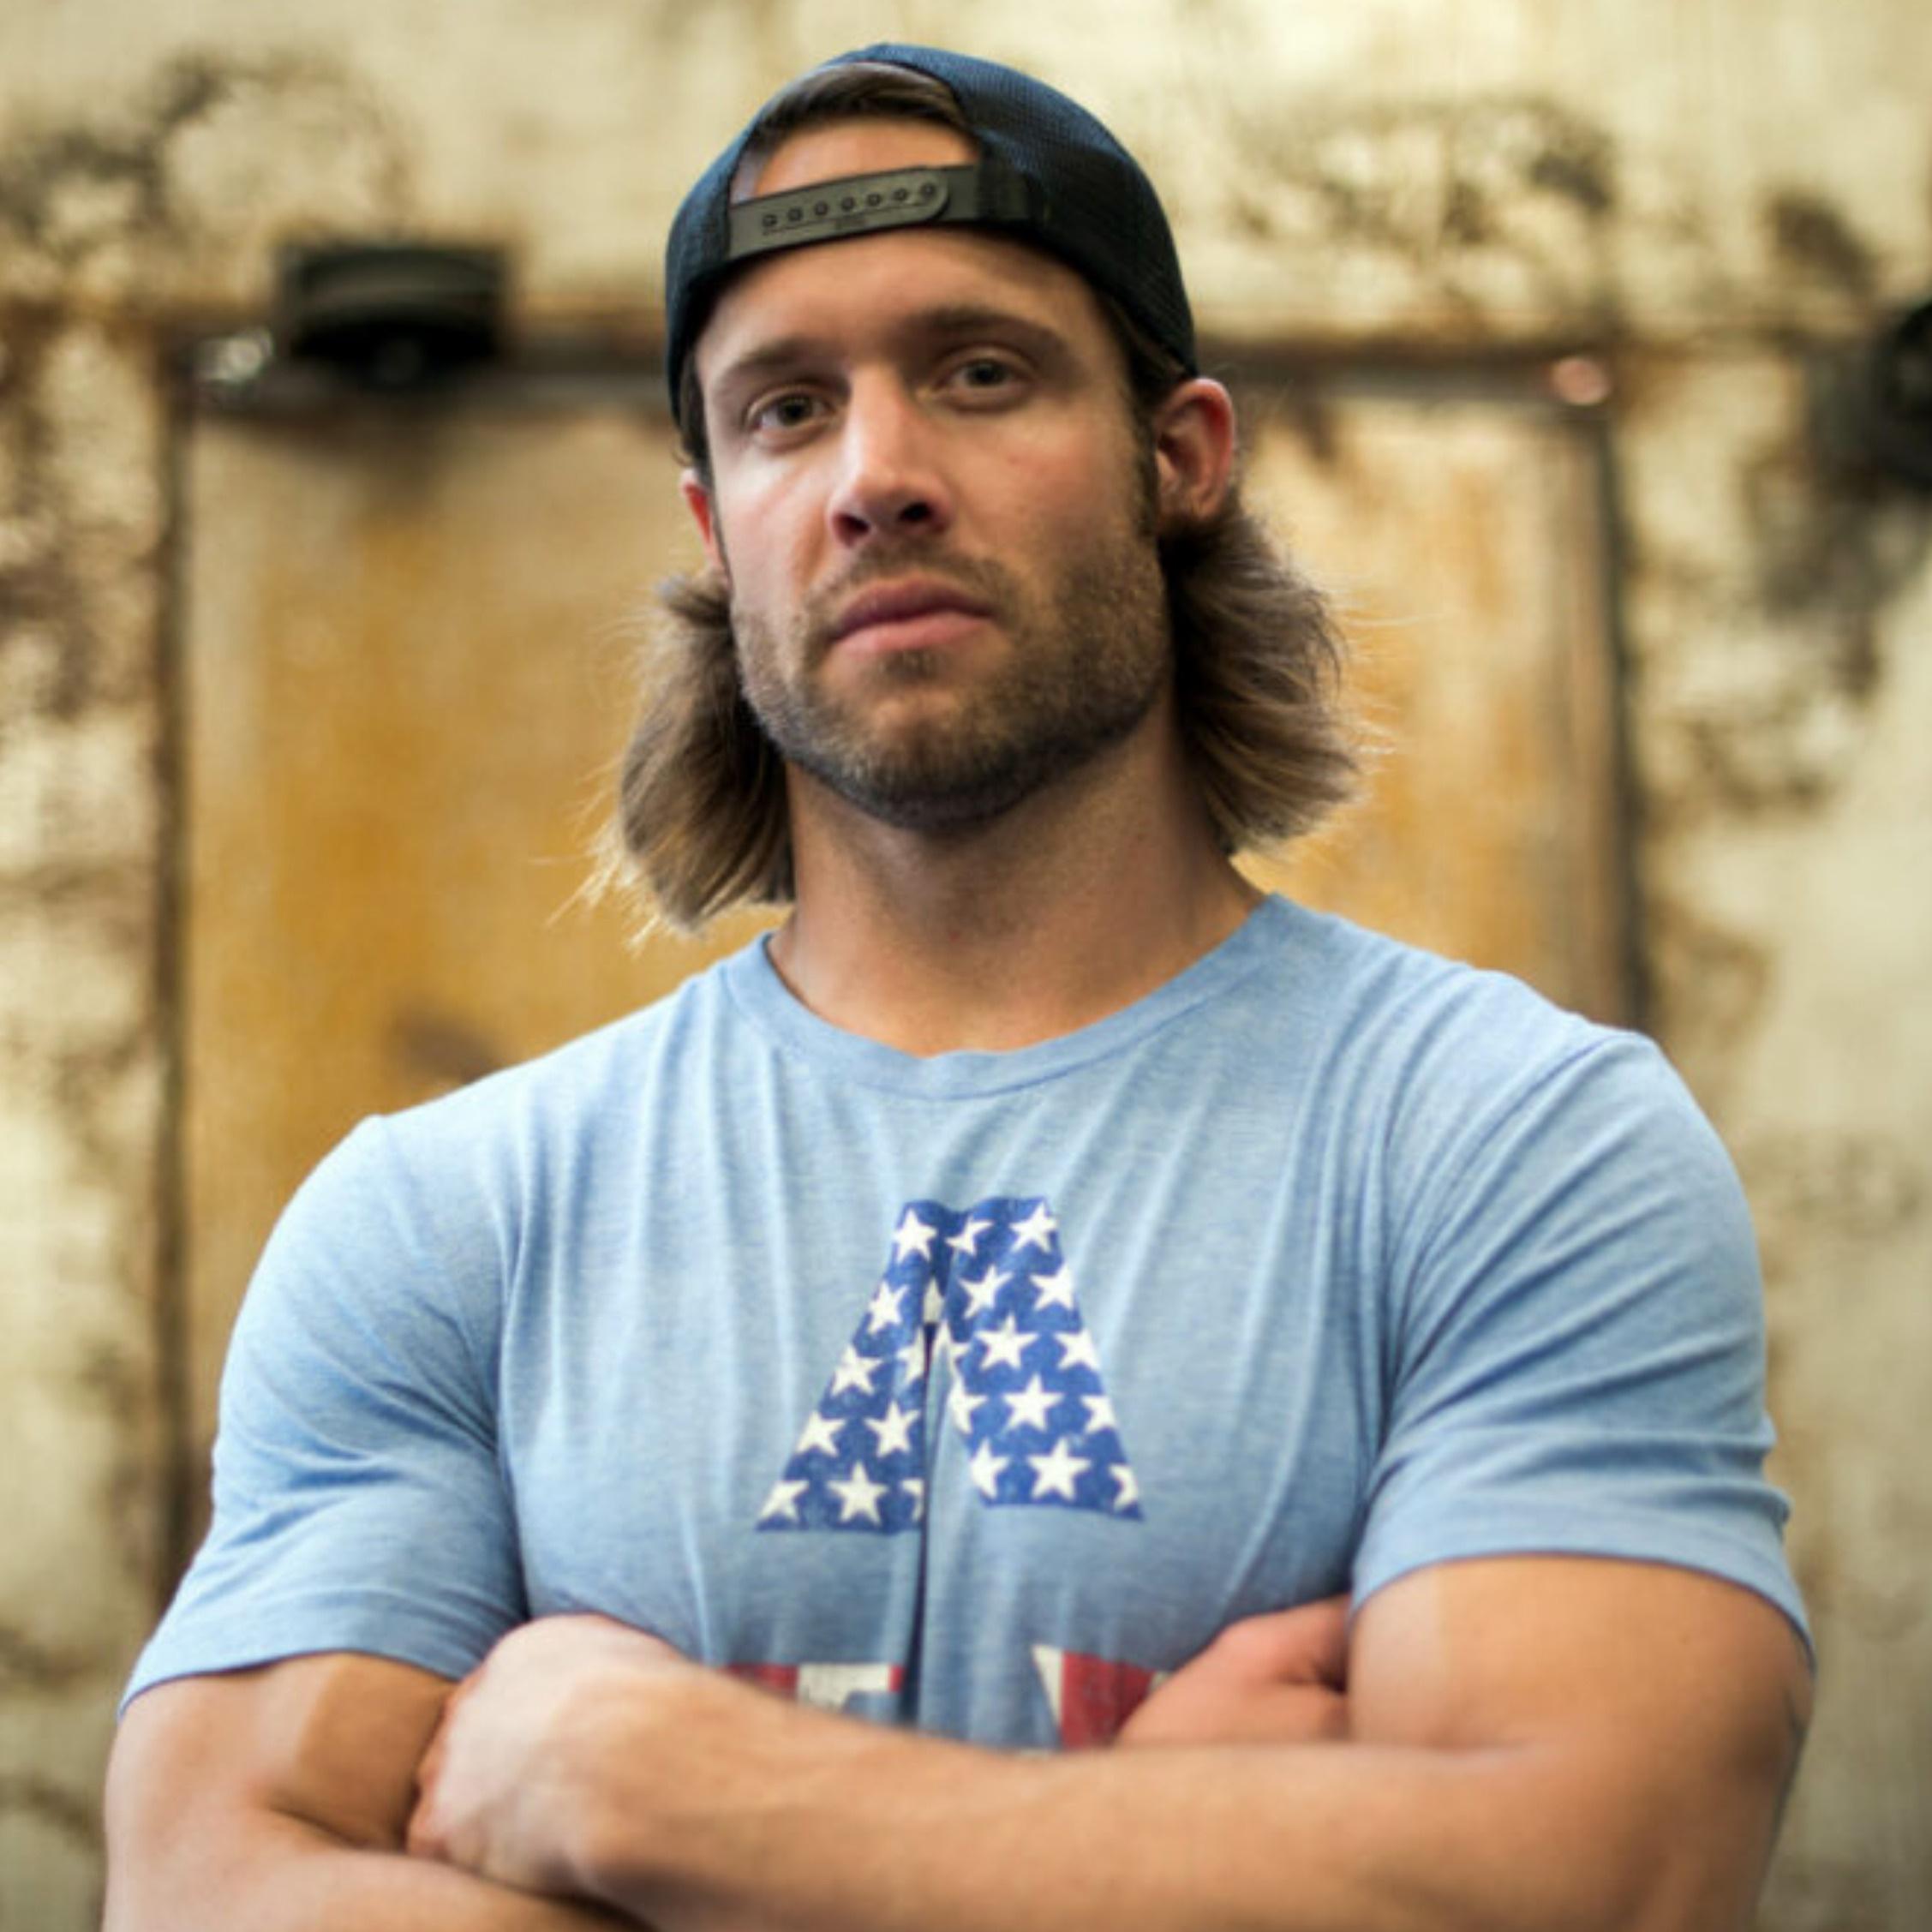 David Vobora Finds Purpose In Training Elite And Adaptive Athletes